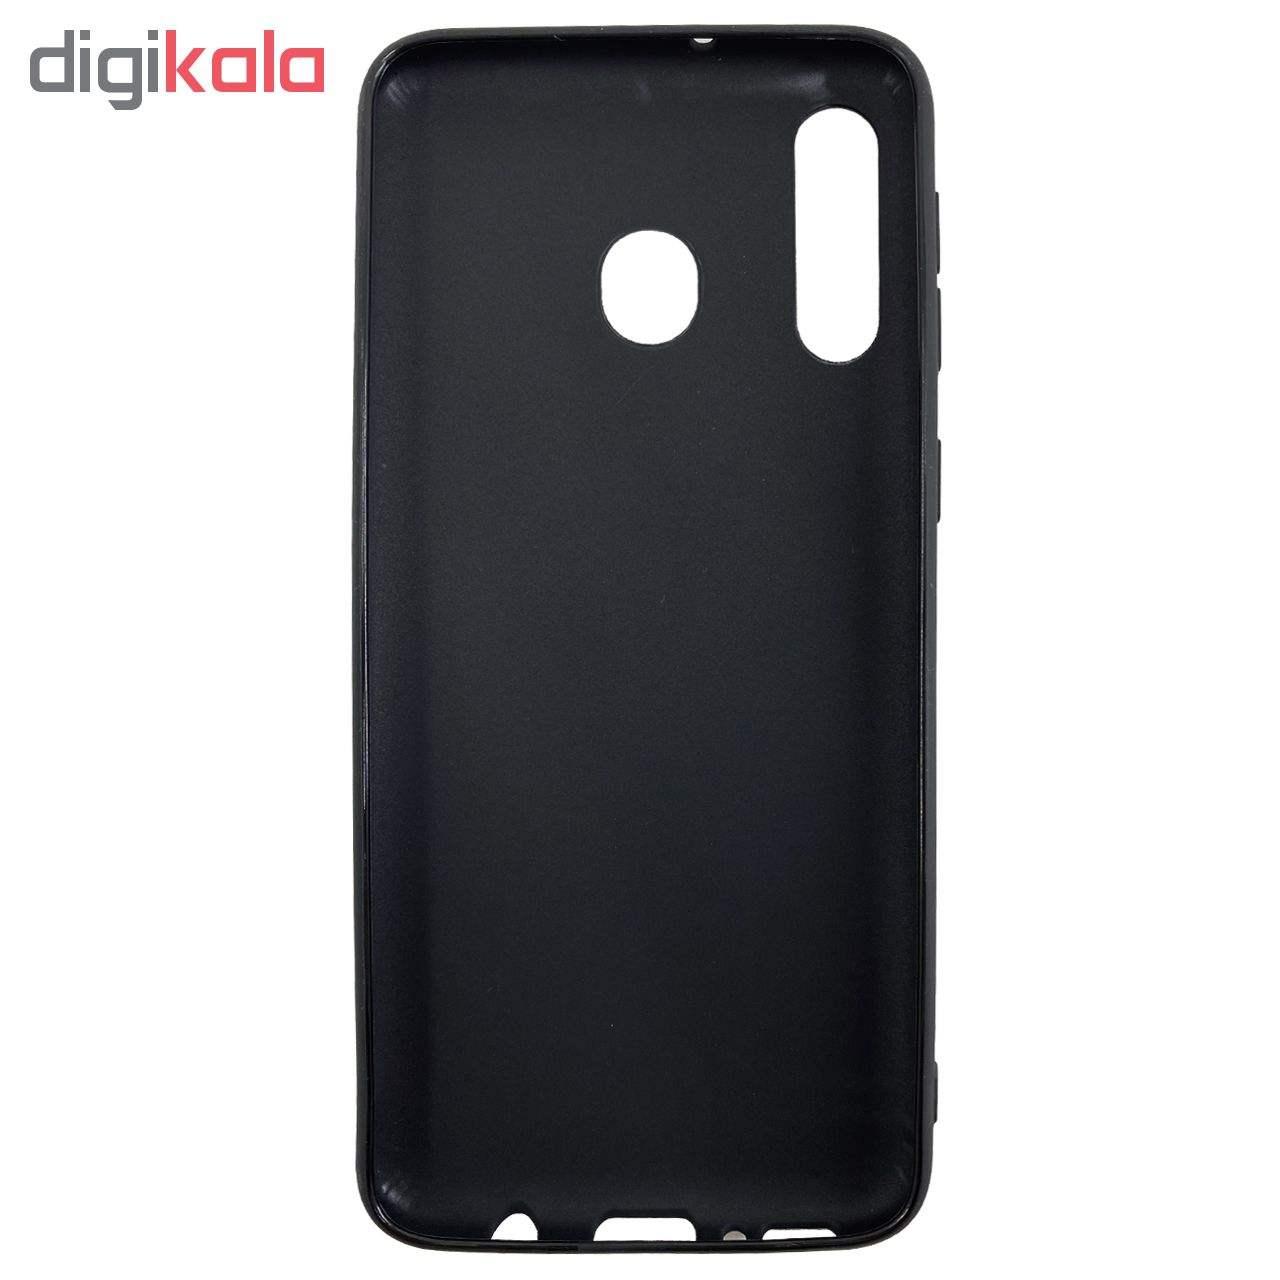 کاور مدل Zhl مناسب برای گوشی موبایل سامسونگ Galaxy M30 main 1 4